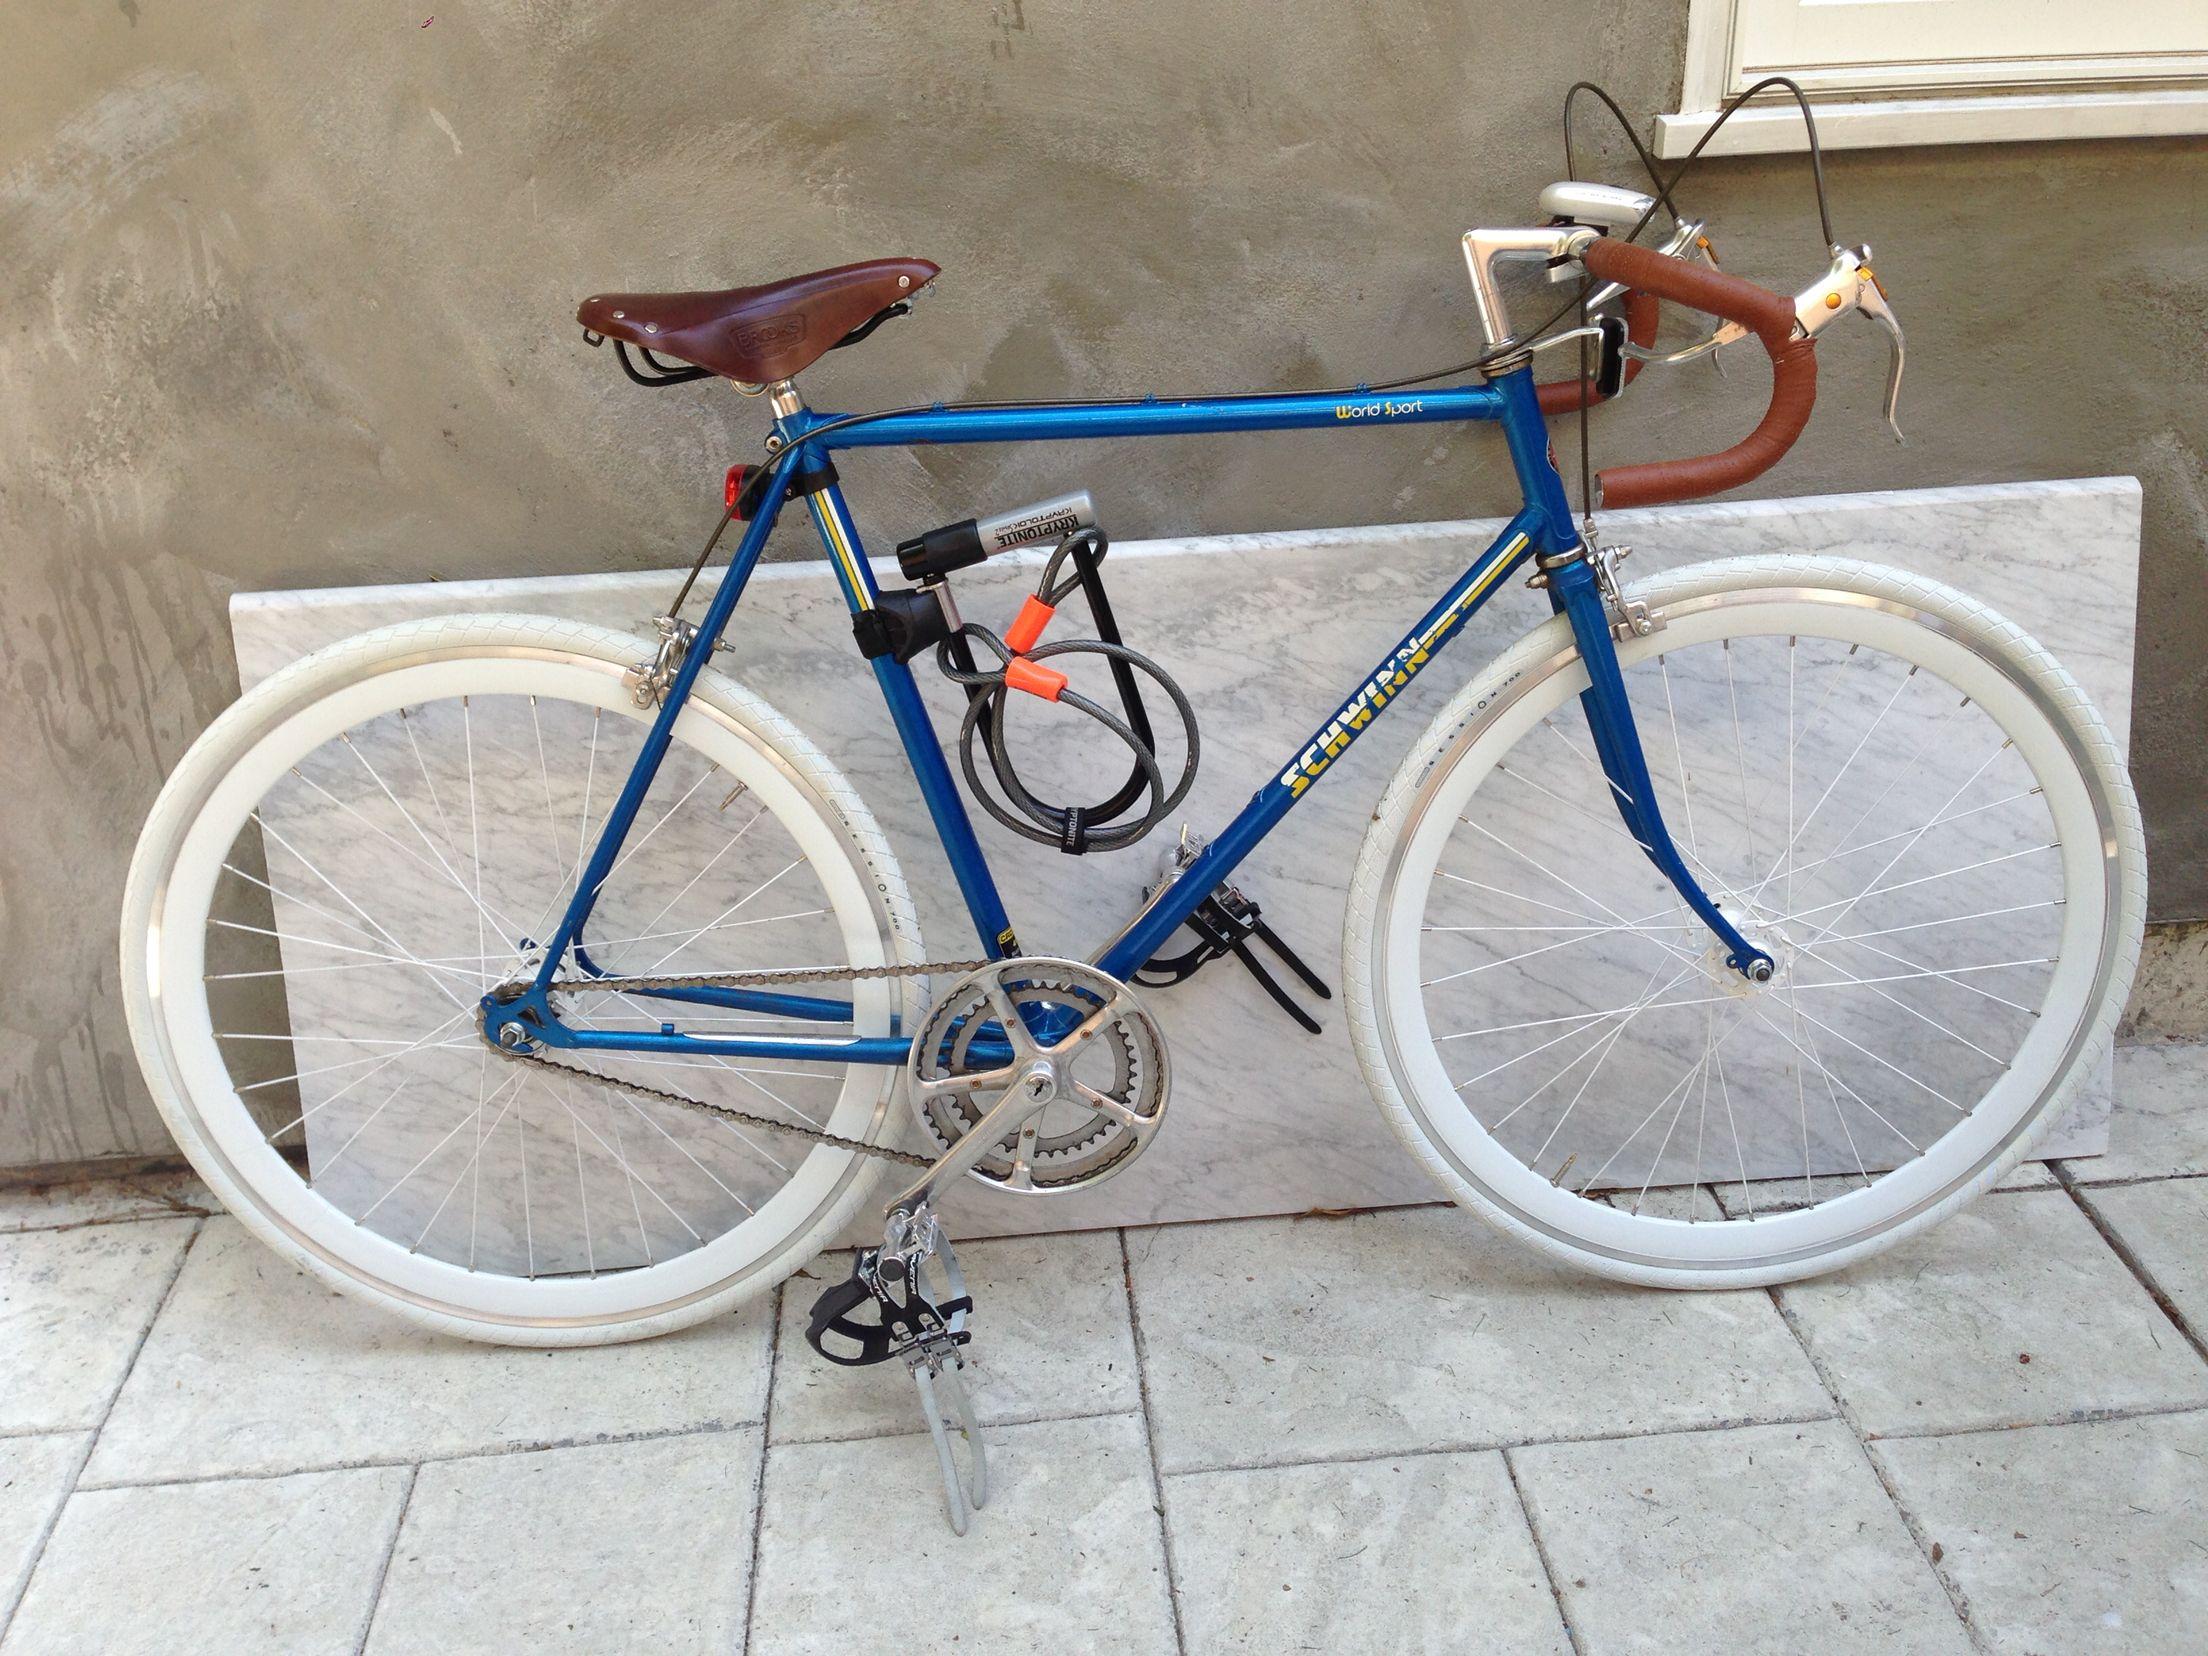 1985 Schwinn World Sport conversion Bike restoration